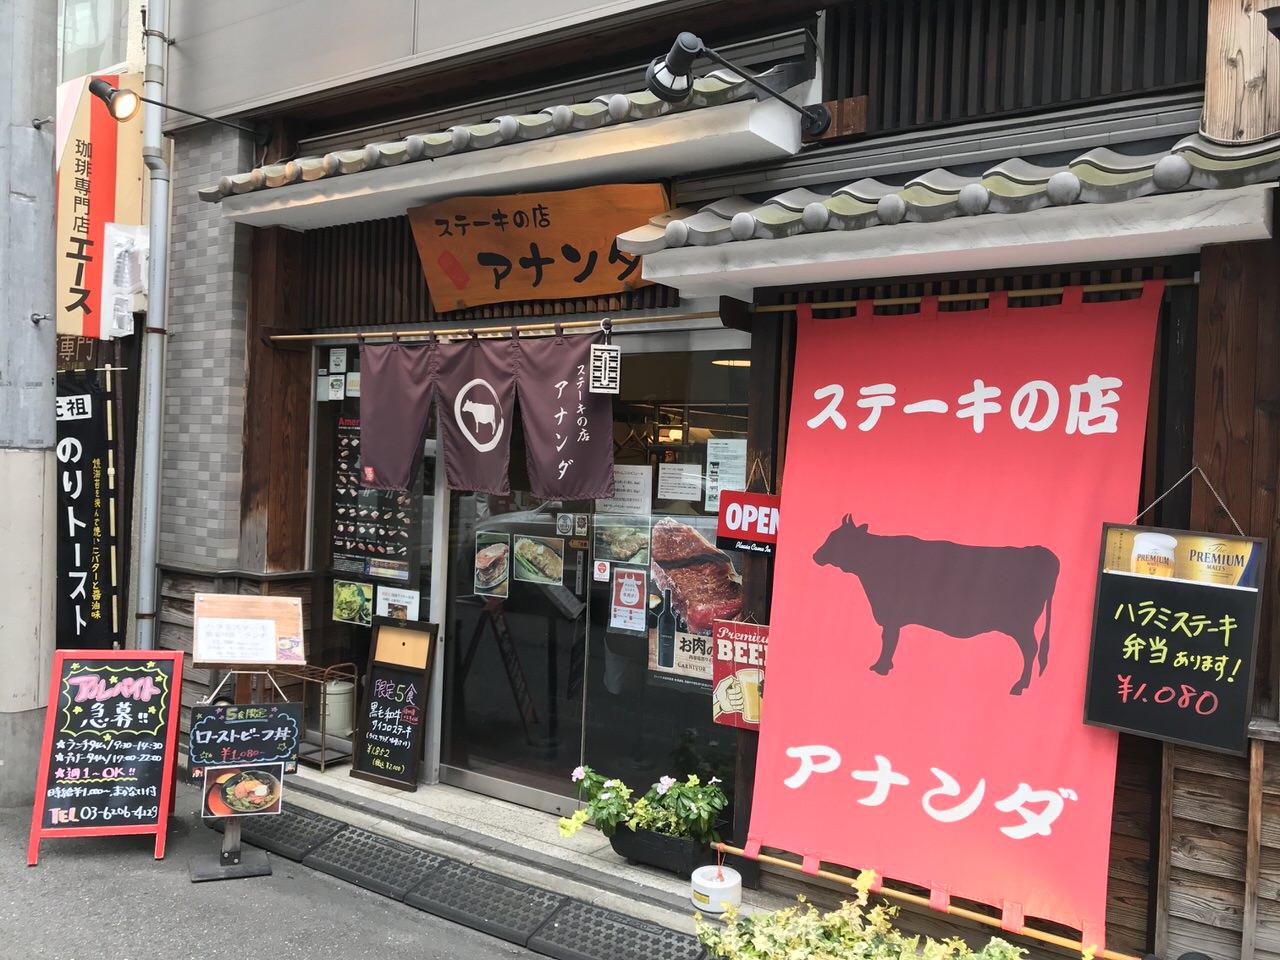 「ステーキの店 アナンダ」ハラミと浦和レッズが好きな店長のいる神田のステーキ店